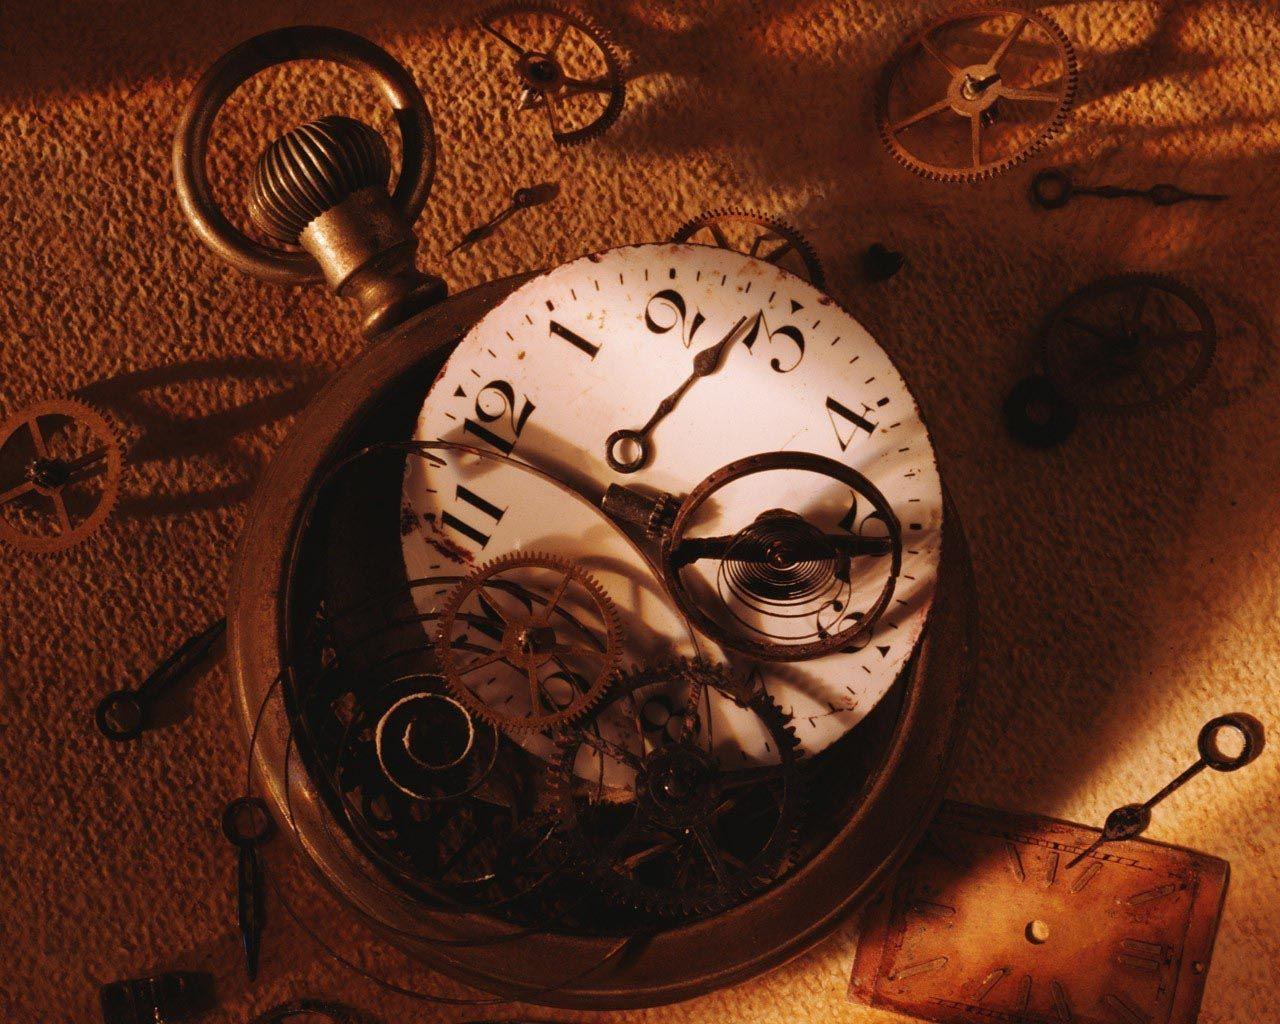 Гадание по часам: что могут рассказать о будущем зеркальные цифры